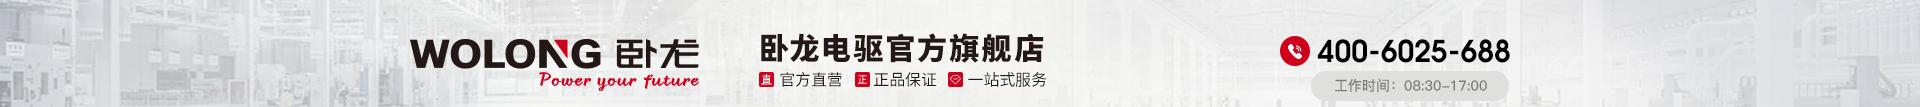 臥龍電氣驅動集團股份有限公司